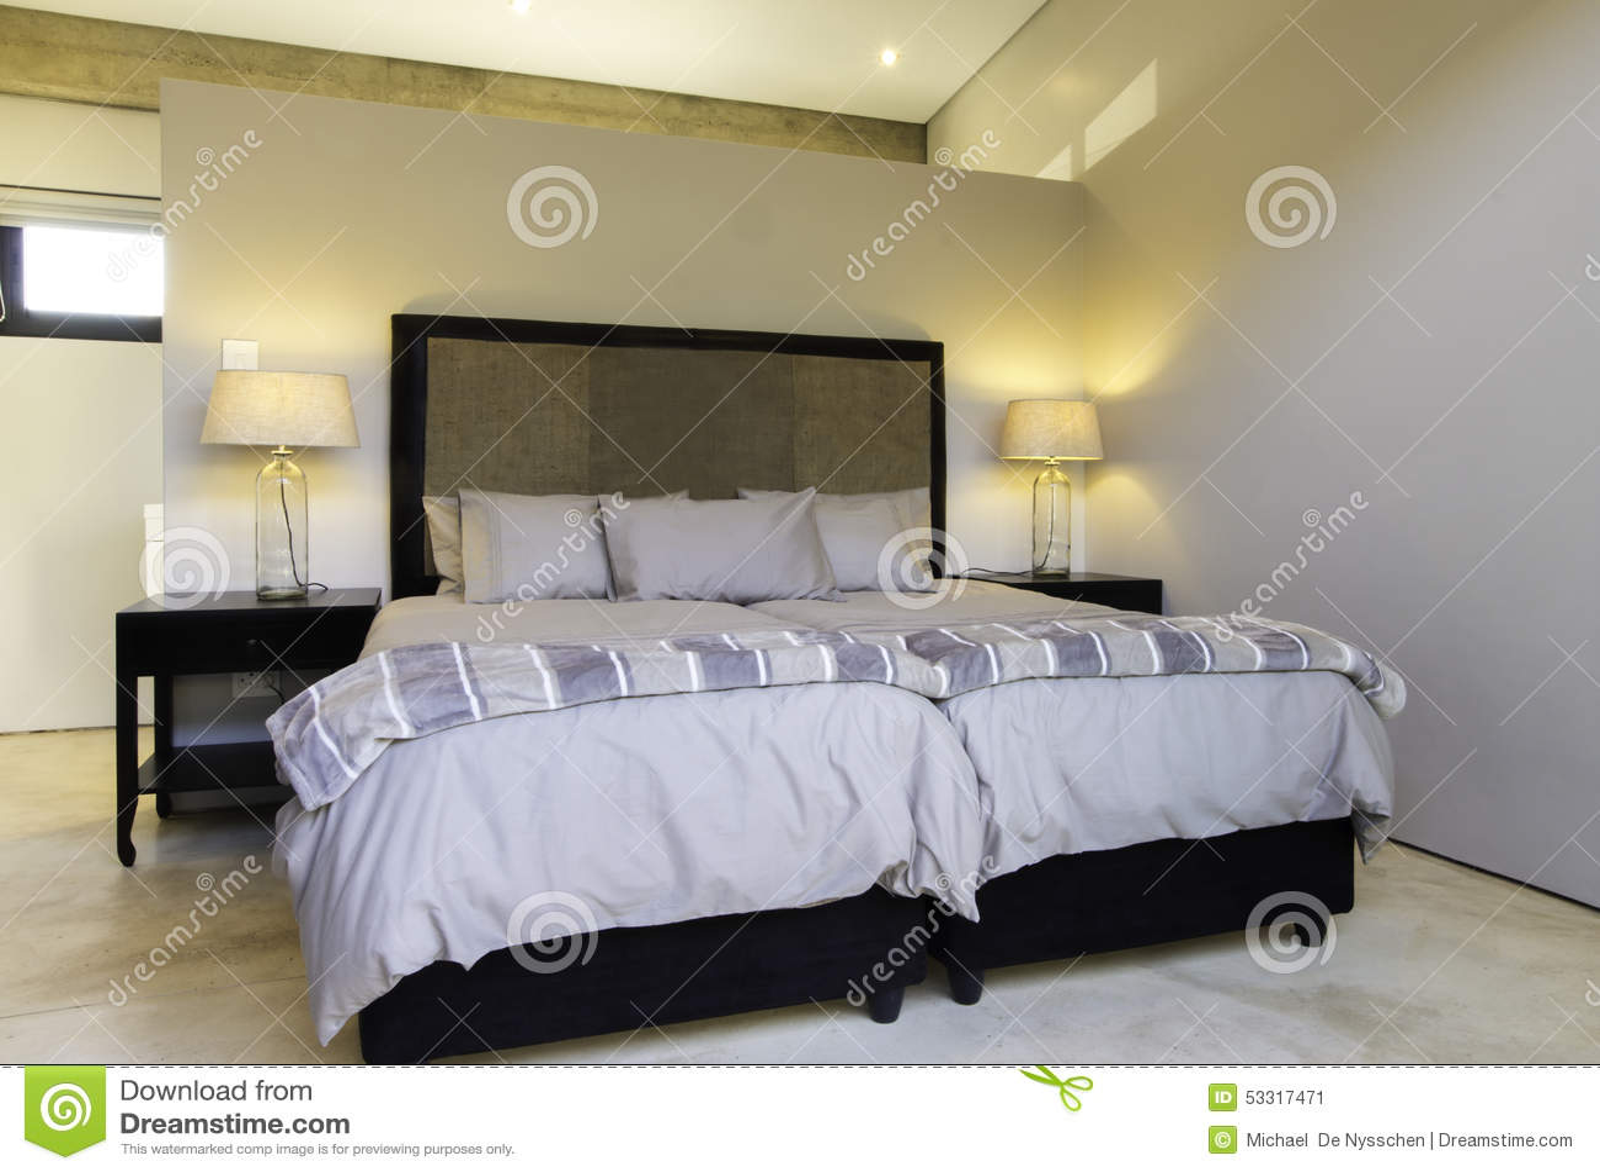 La chambre coucher allume la pi ce de literie photo for La chambre a coucher